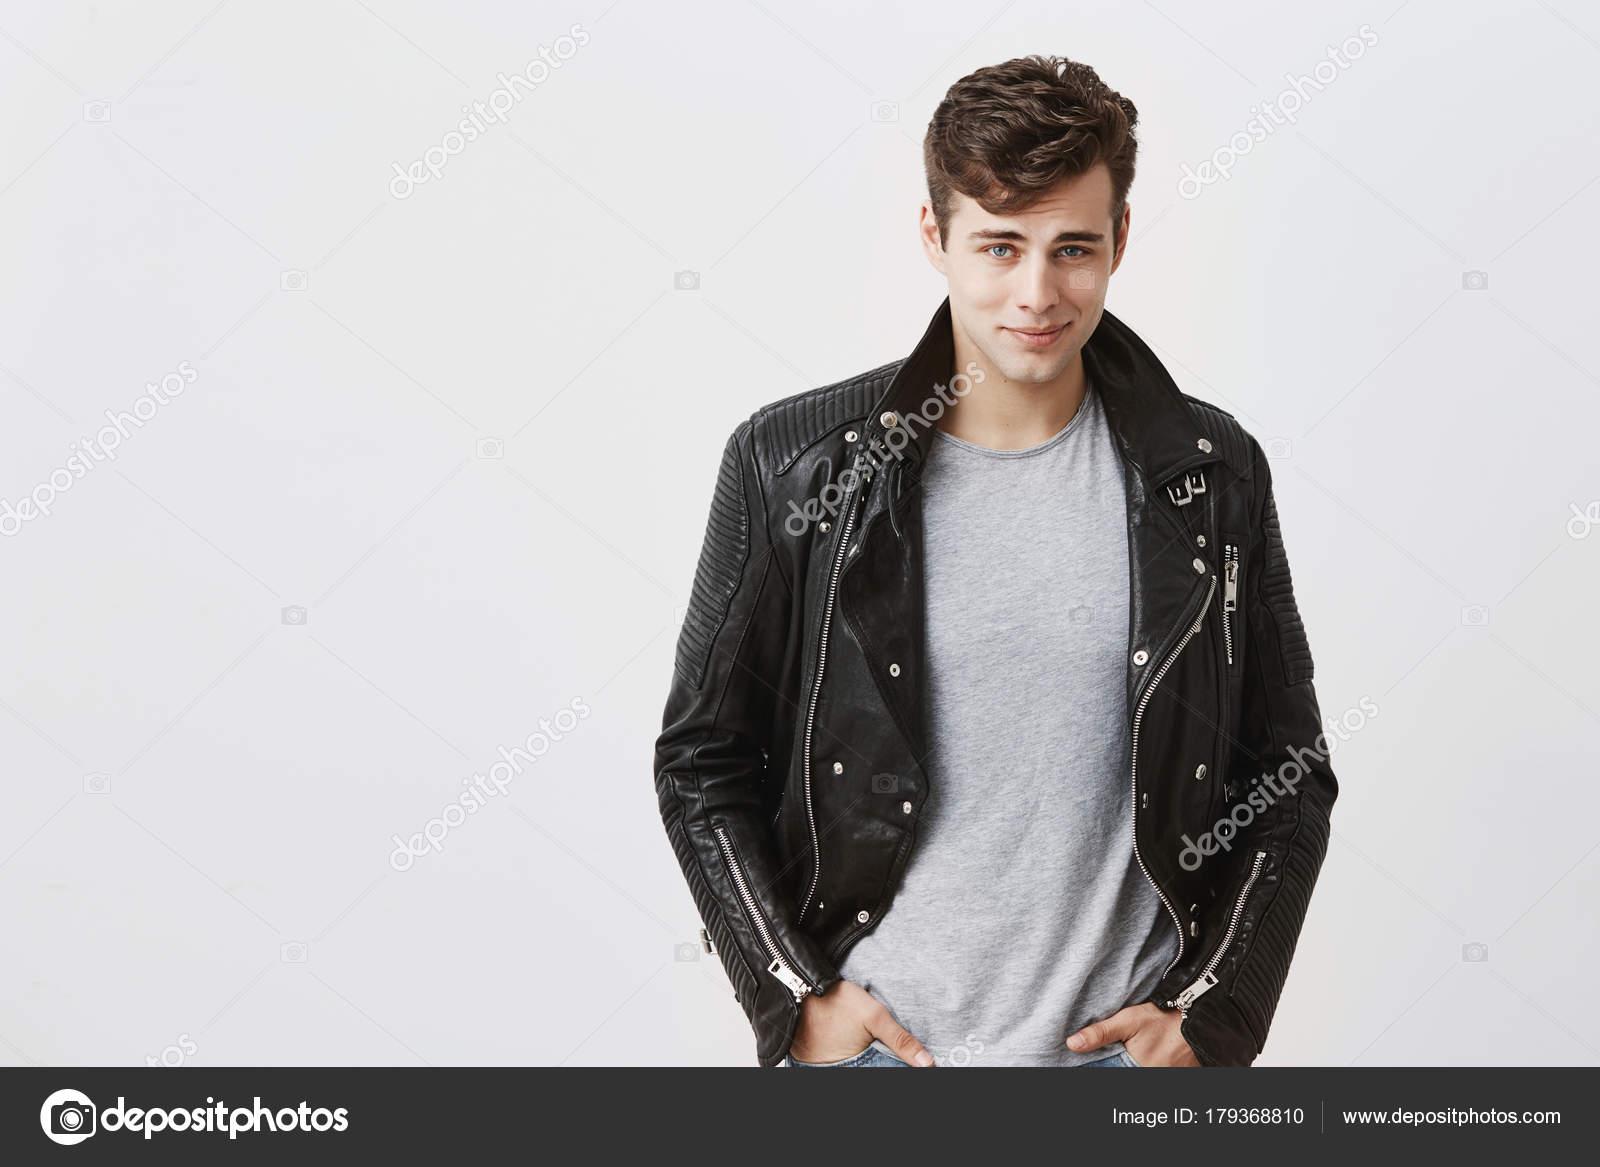 pretty nice 17b91 94c23 Modello maschio bello fiducioso bello vestito in giacca di ...